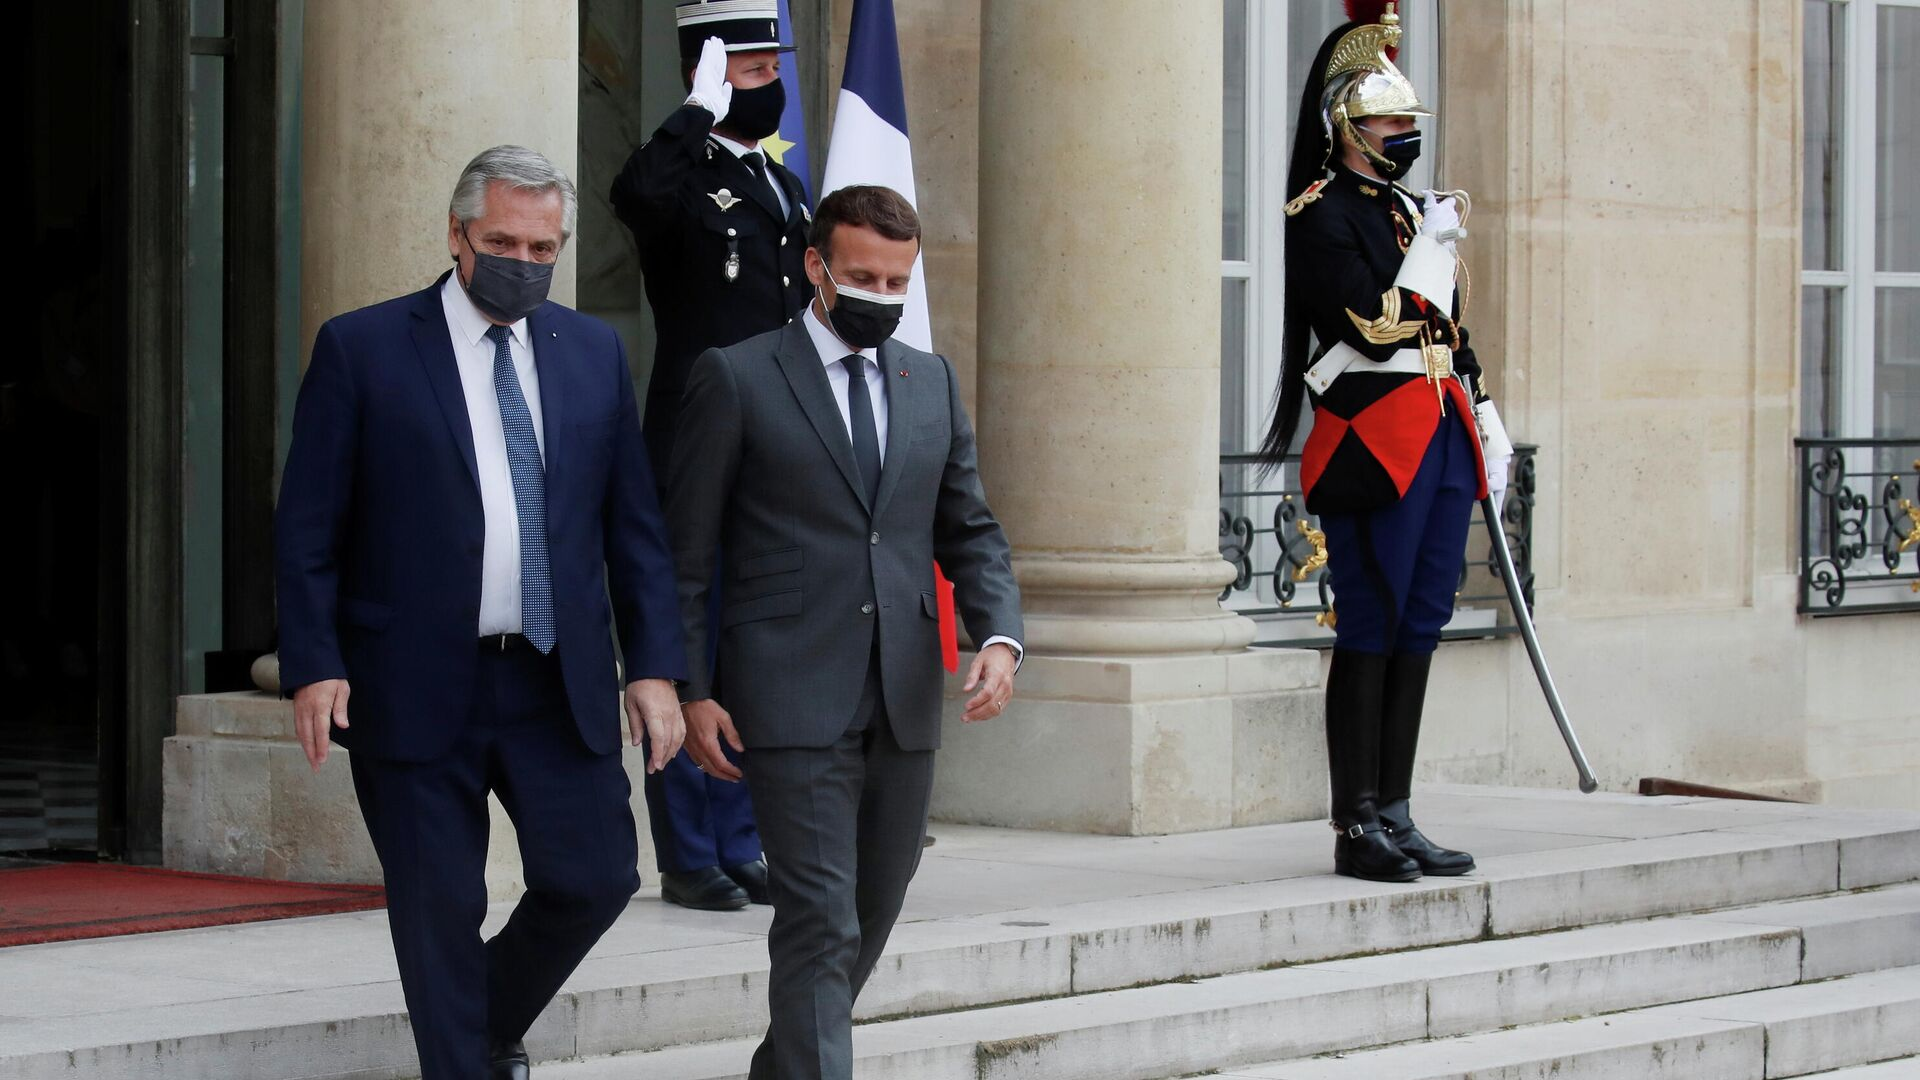 El presidente francés, Emmanuel Macron, y su par argentino, Alberto Fernández - Sputnik Mundo, 1920, 12.05.2021